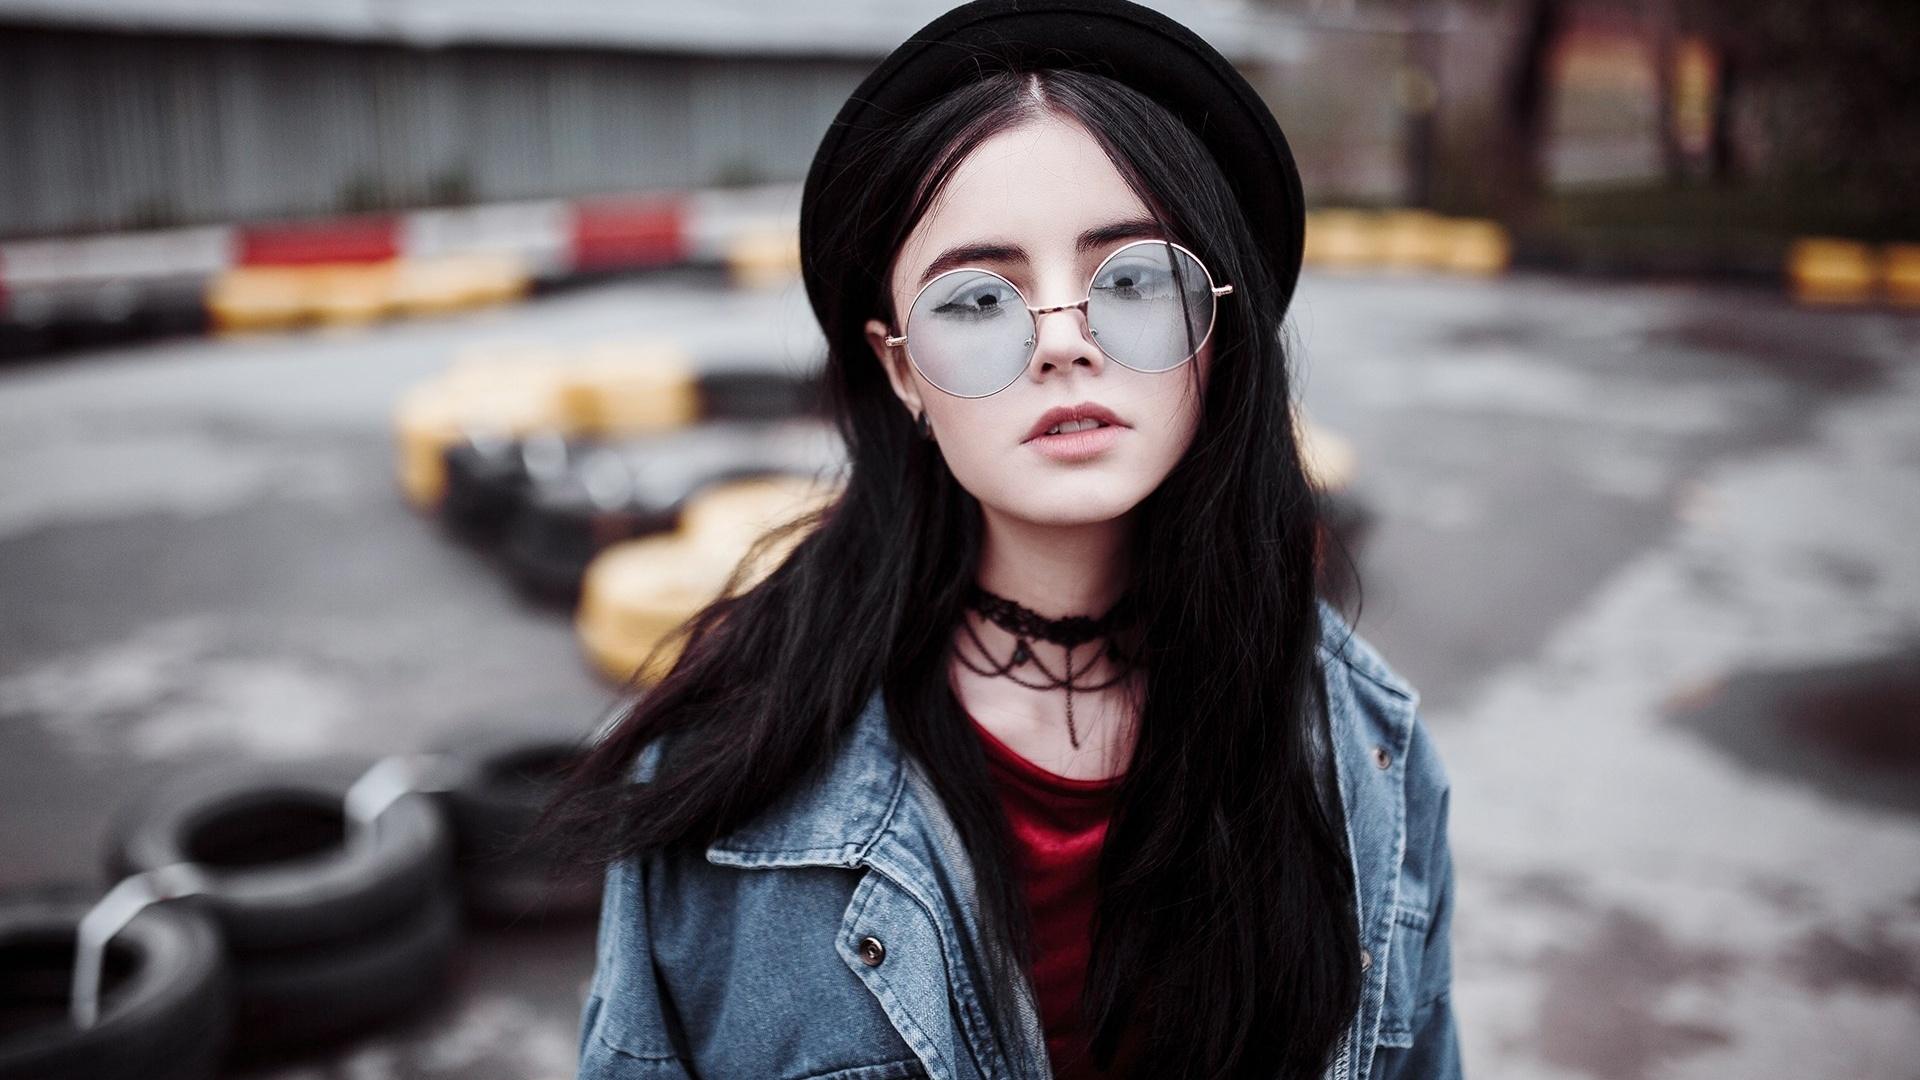 девушка, очки, джинсовка, взгляд, портрет, боке, чокер